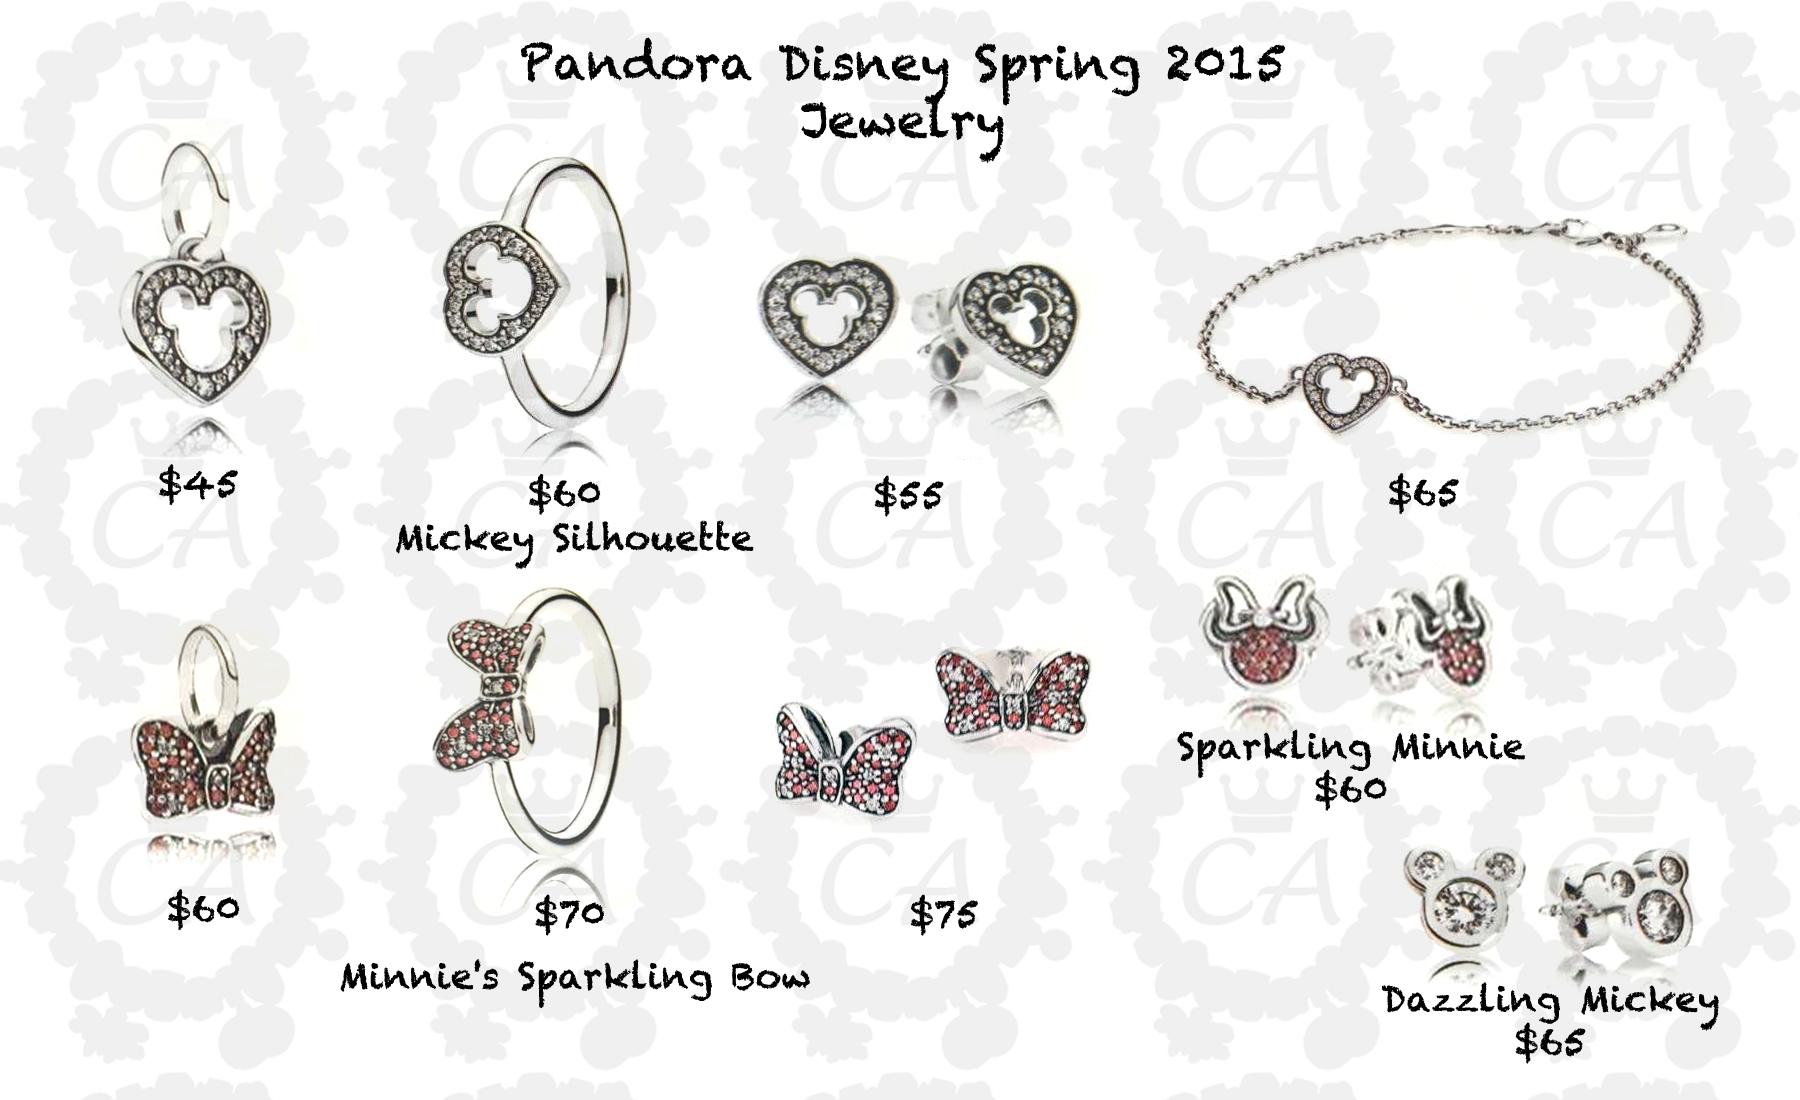 pandora-disney-spring-2015-jewelry-prices